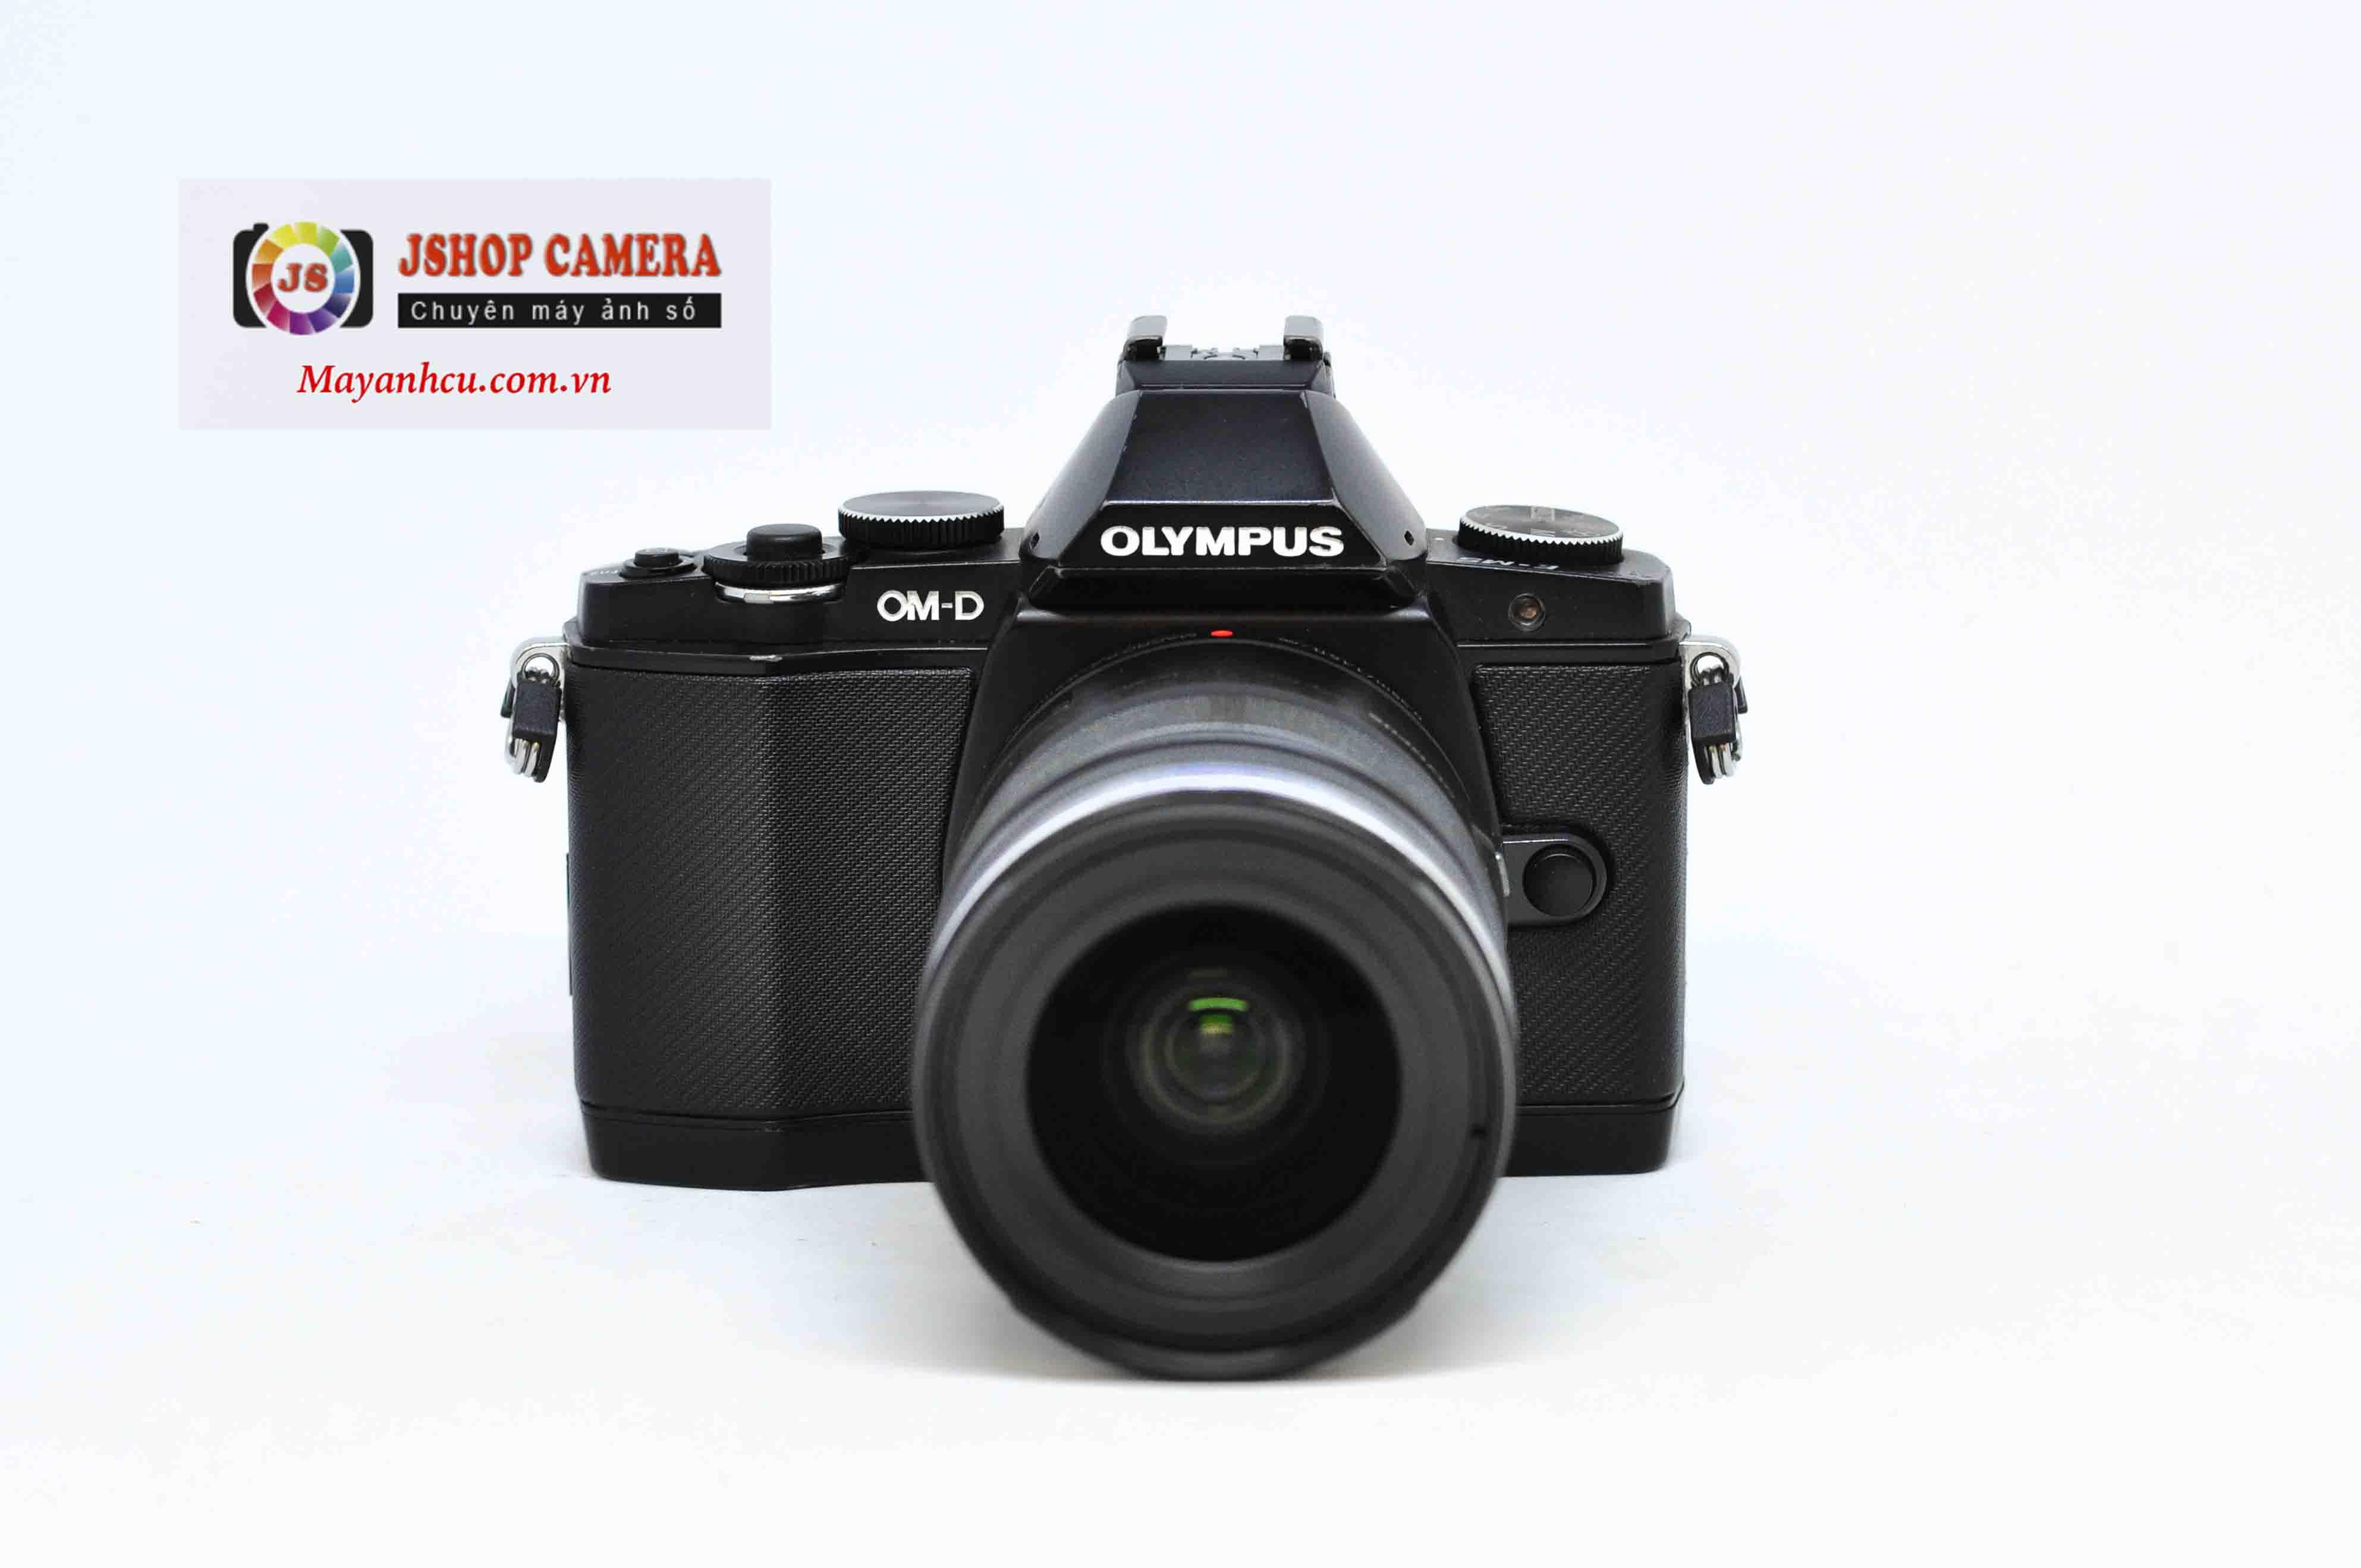 Olympus OM-D E-M5 + Ống kính OLYMPUS M.ZUIKO DIGITAL ED 12-50MM F3.5-6.3 EZ